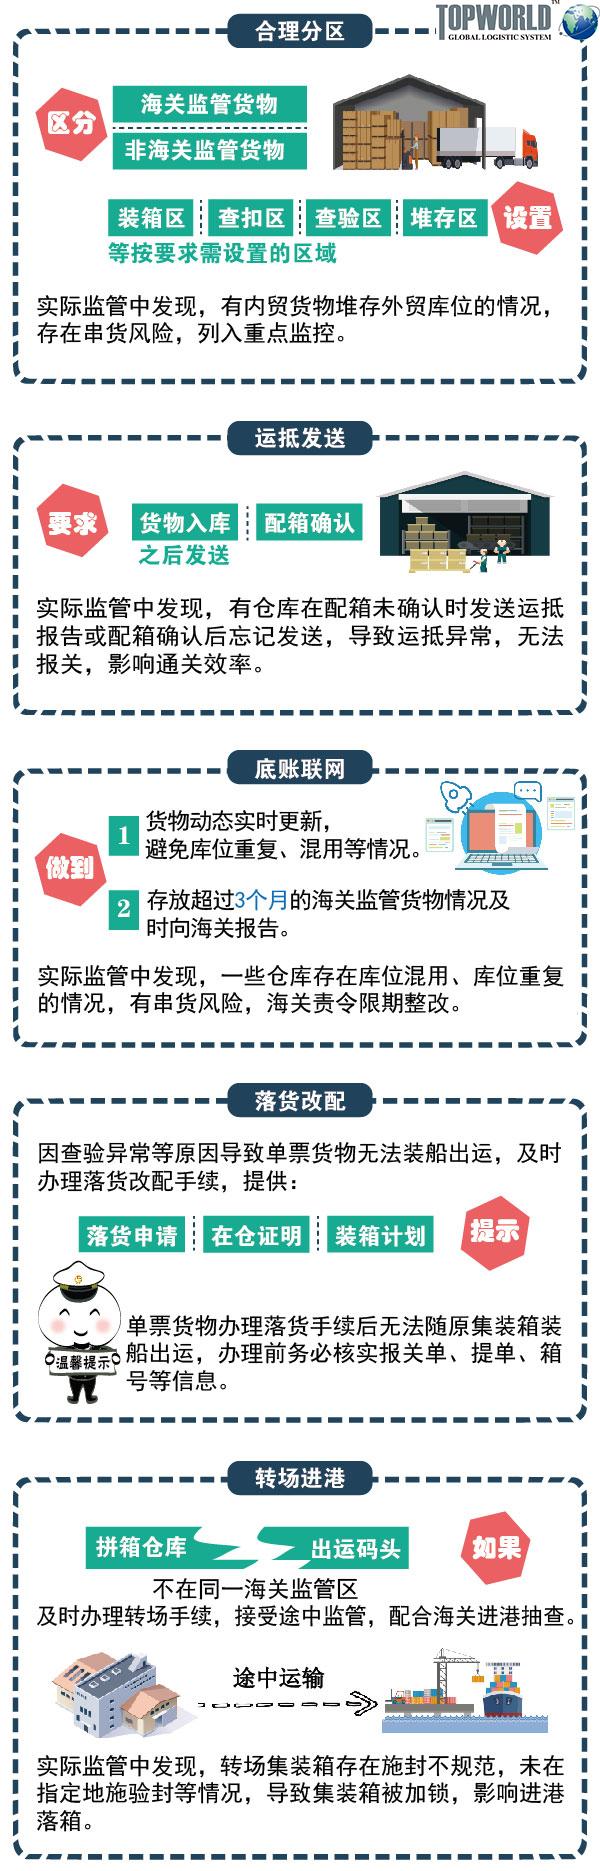 海运出口,国际物流,进出口物流,上海靠谱货代,进口极速报关